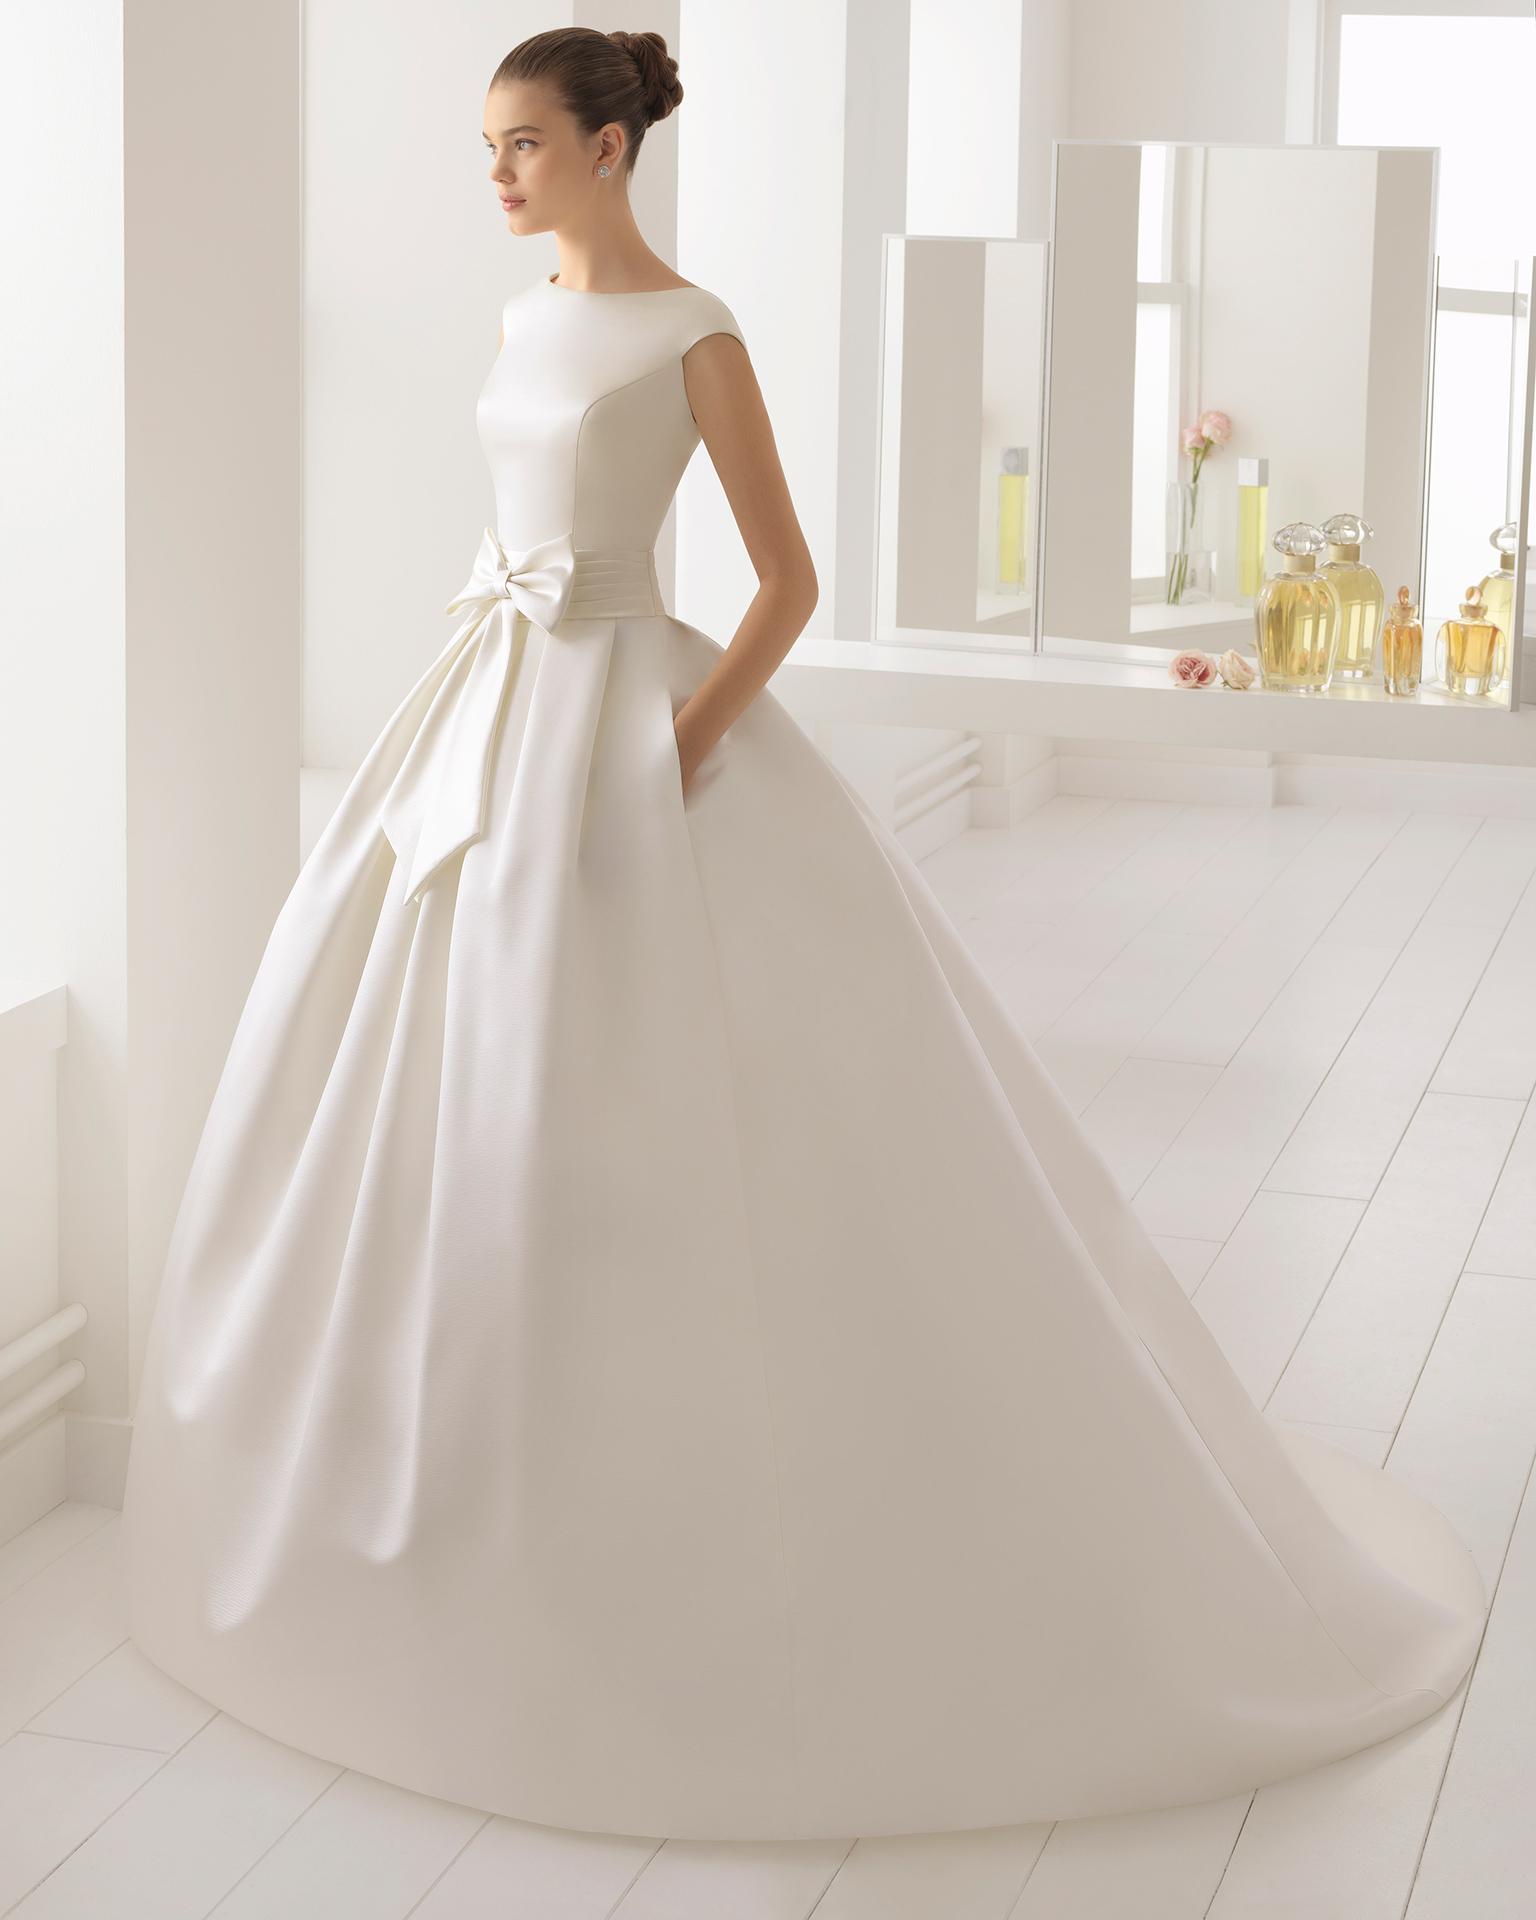 Vestido de novia estilo clásico en raso duquesa, encaje y pedreria, y escote barco en color marfil con lazo en la cintura.